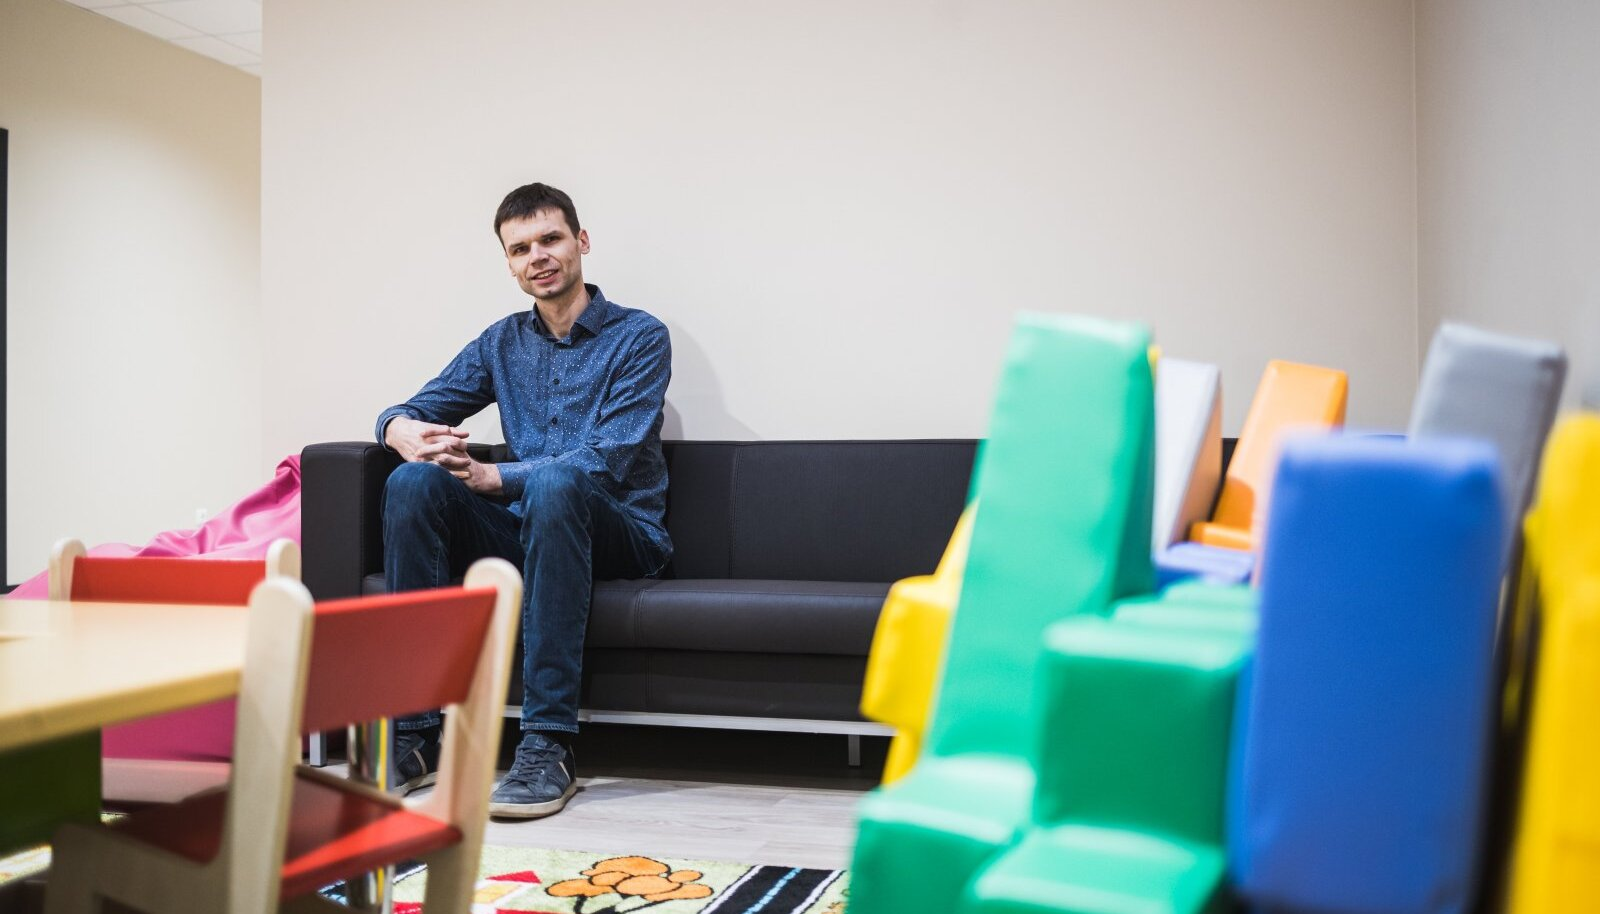 Tartu ülikooli kliinikumi laste ja noorukite vaimse tervise keskuse juht dr Reigo Reppo nendib, et pandeemia mõjub psüühikale kauem kui pelgalt piirangute kestmise ajal.